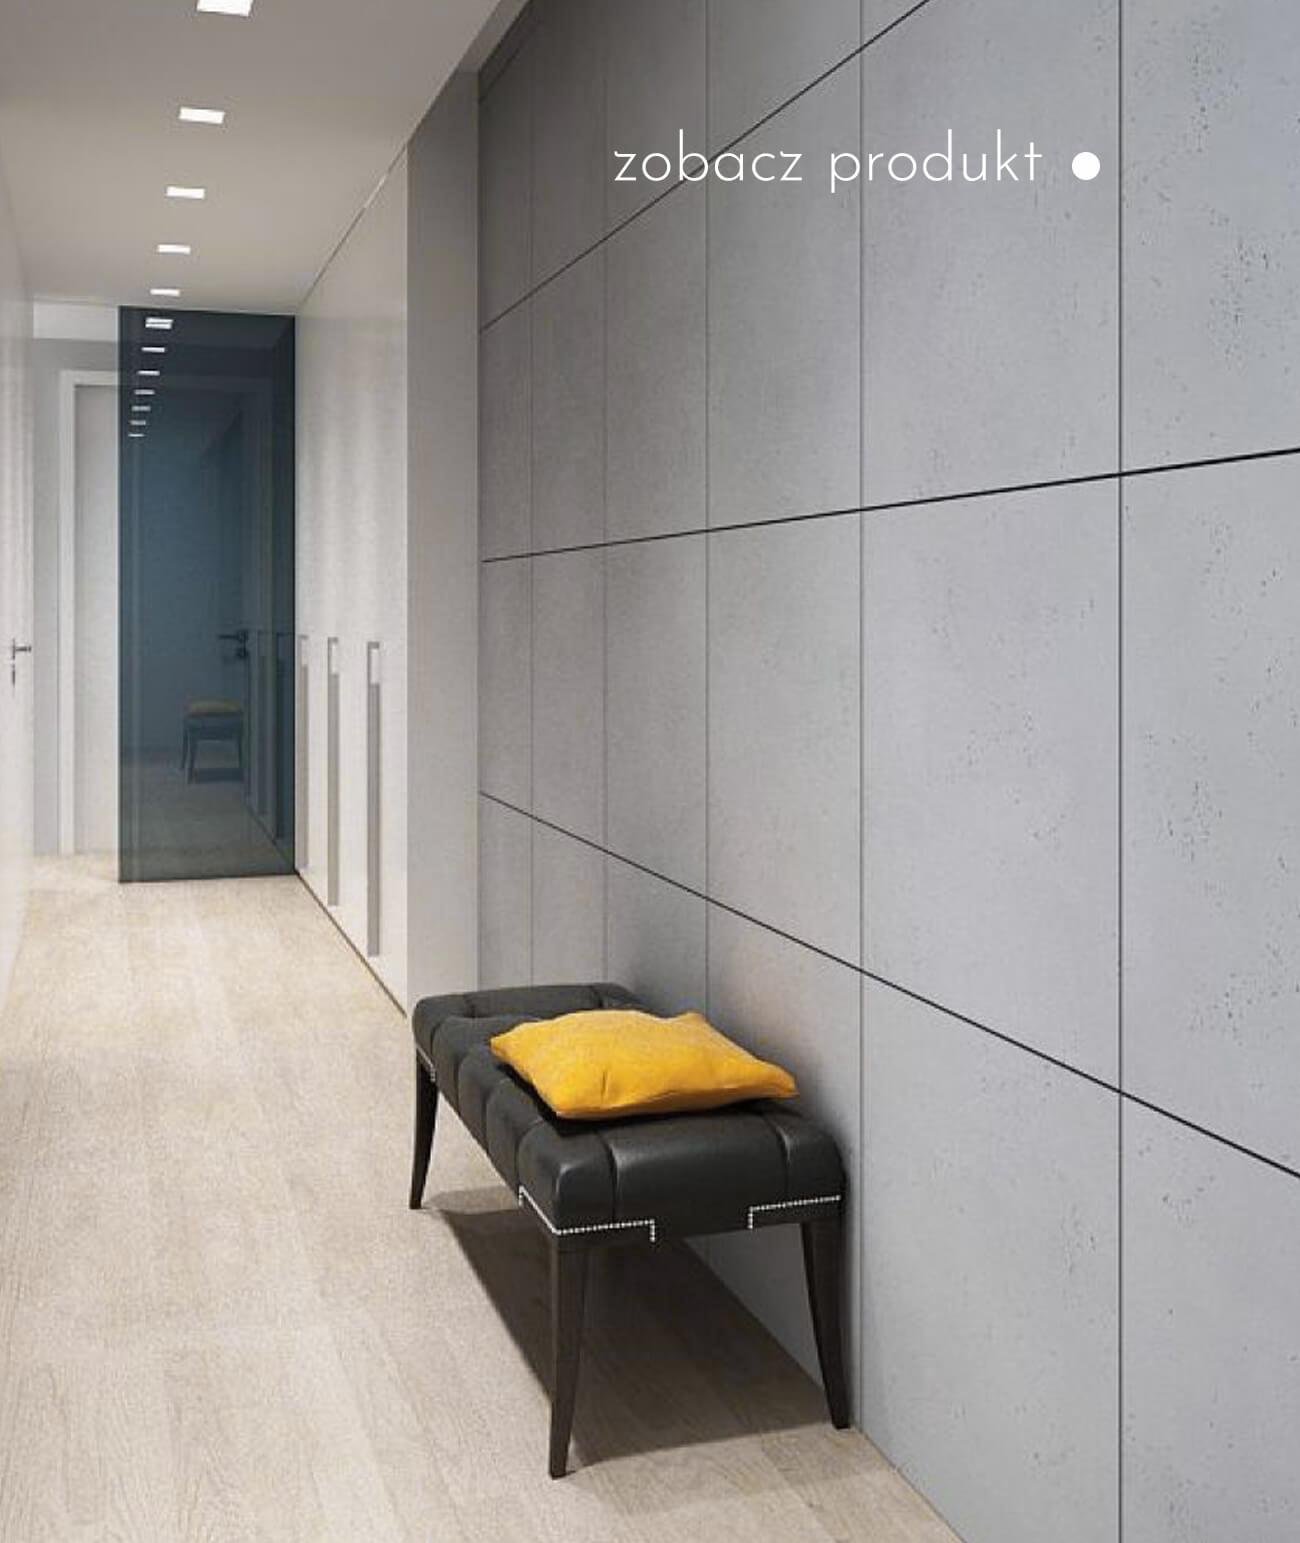 plyty-betonowe-scienne-i-elewacyjne-beton-architektoniczny_661-10147--s96-szary-ciemny---plyta-beton-architektoniczny-rozne-wymiary